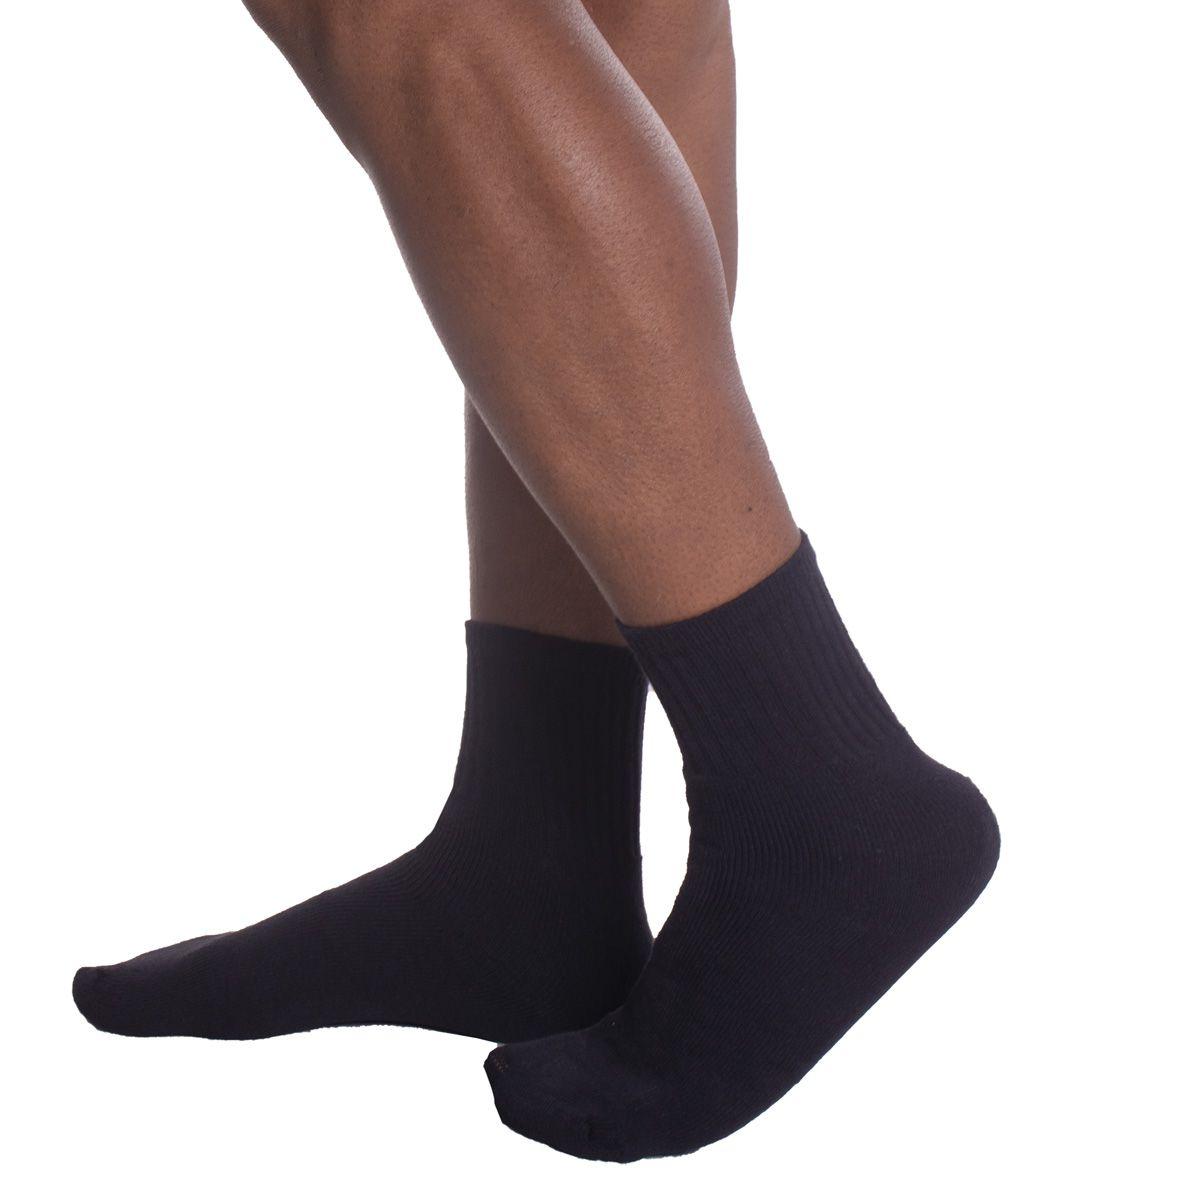 KIT com 3 pares de meias esportiva cano longo Selene